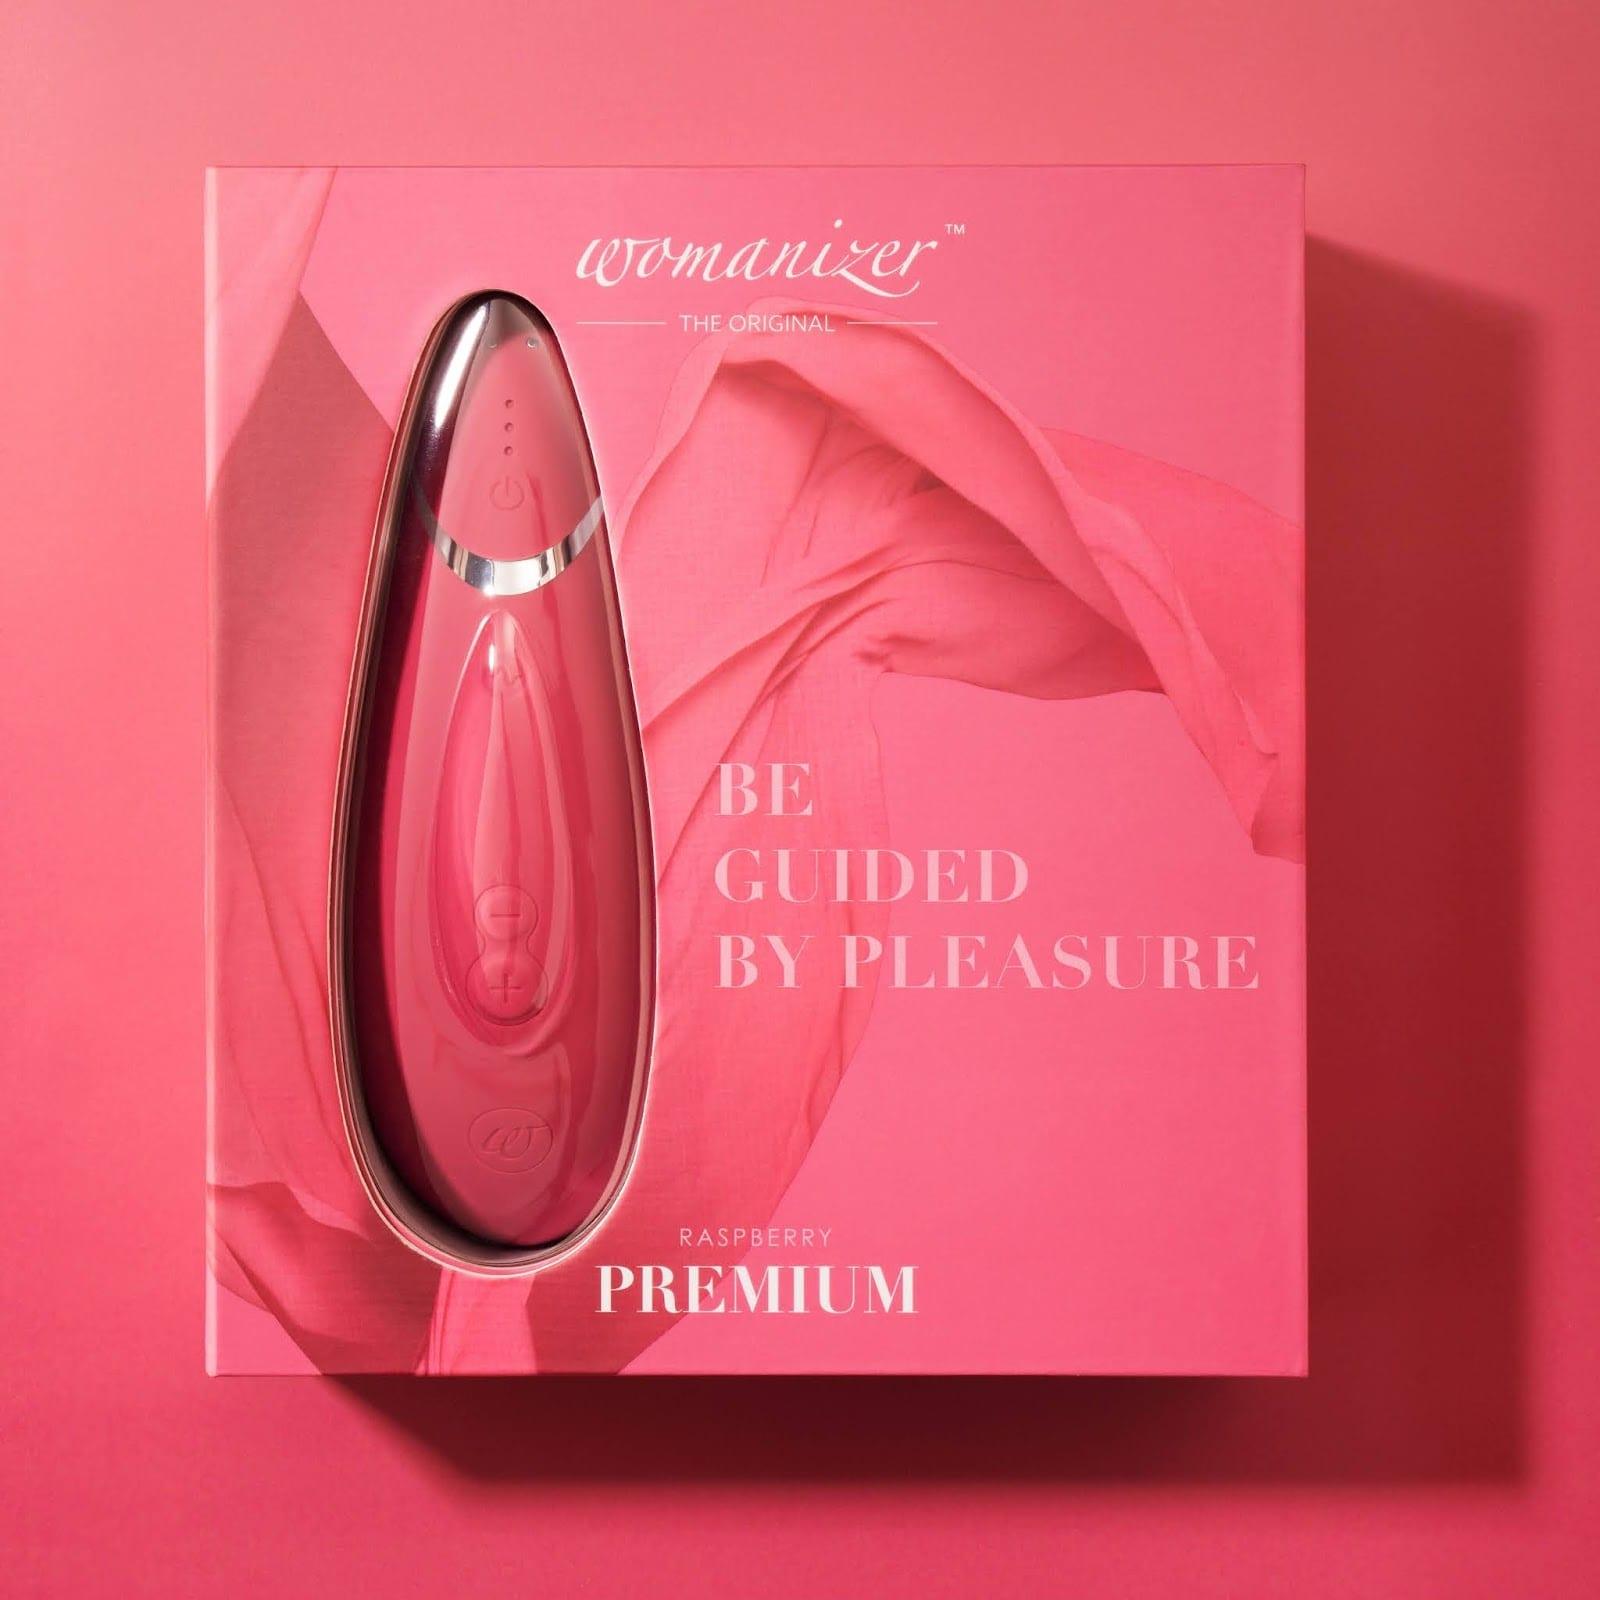 womanizer premium in a box